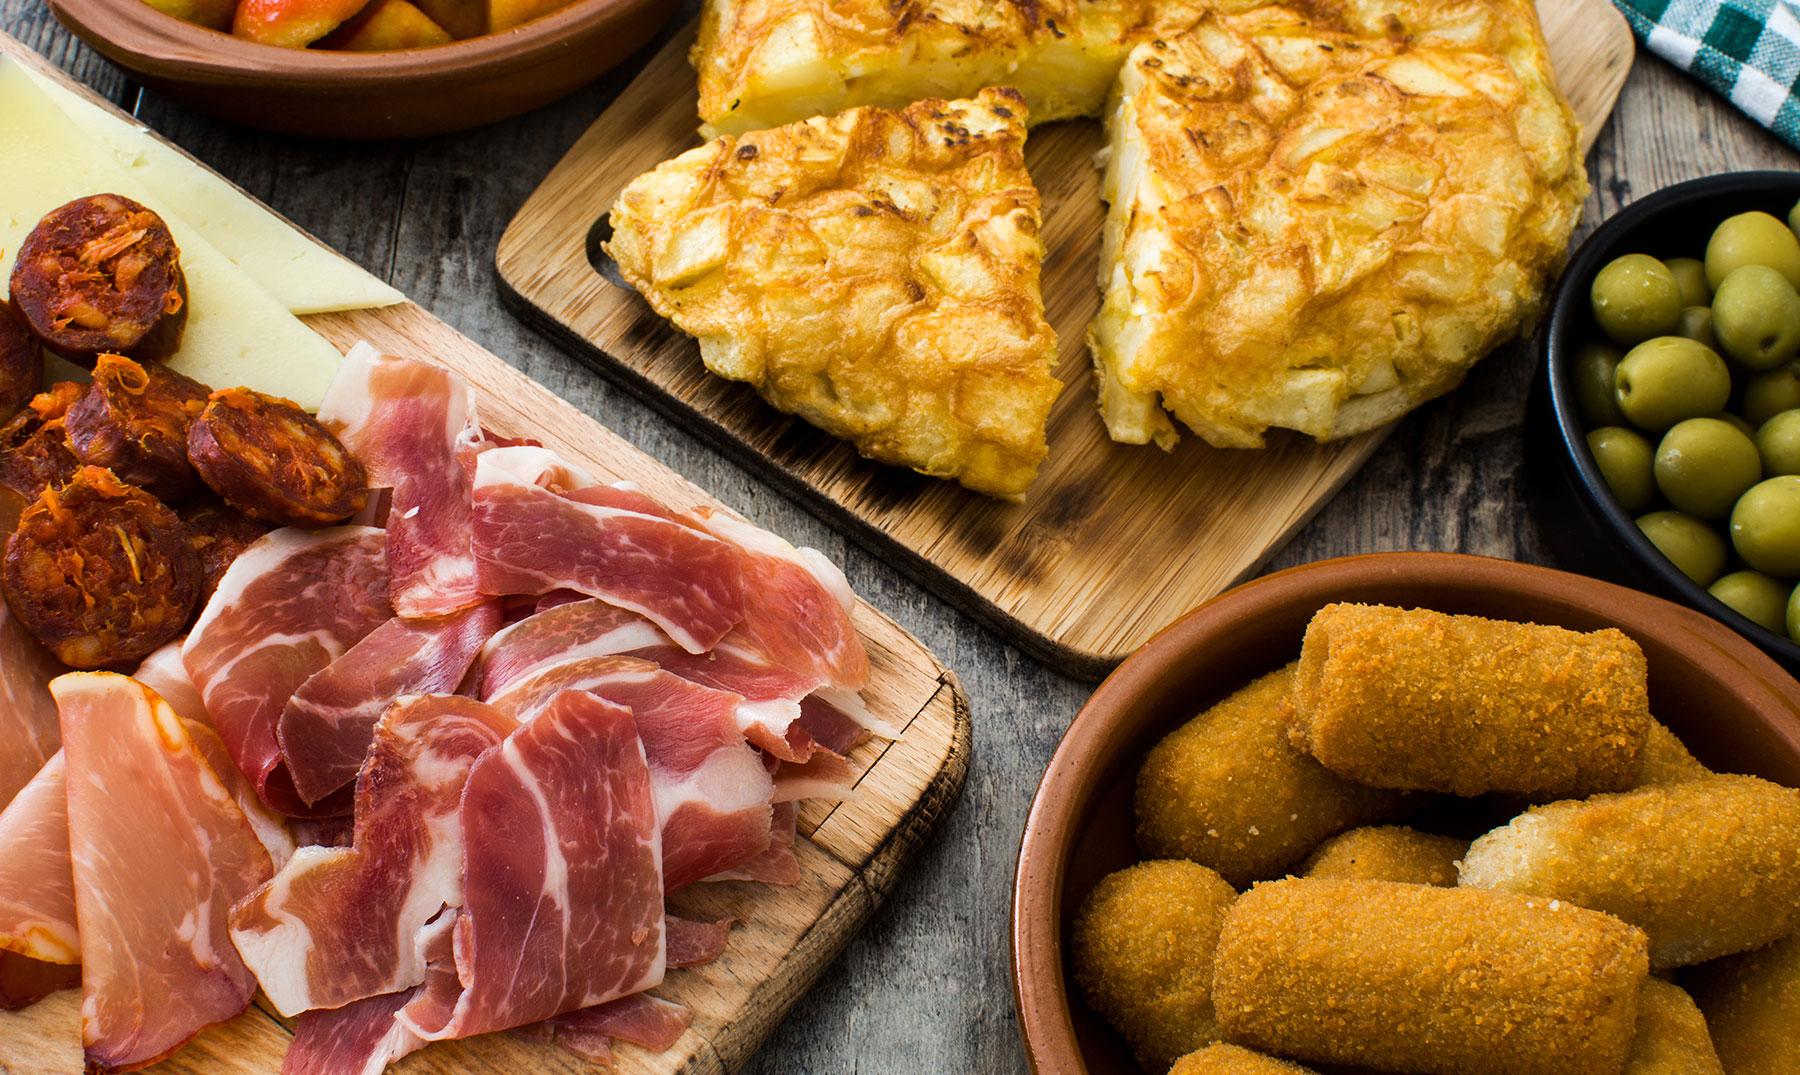 comida-espanola